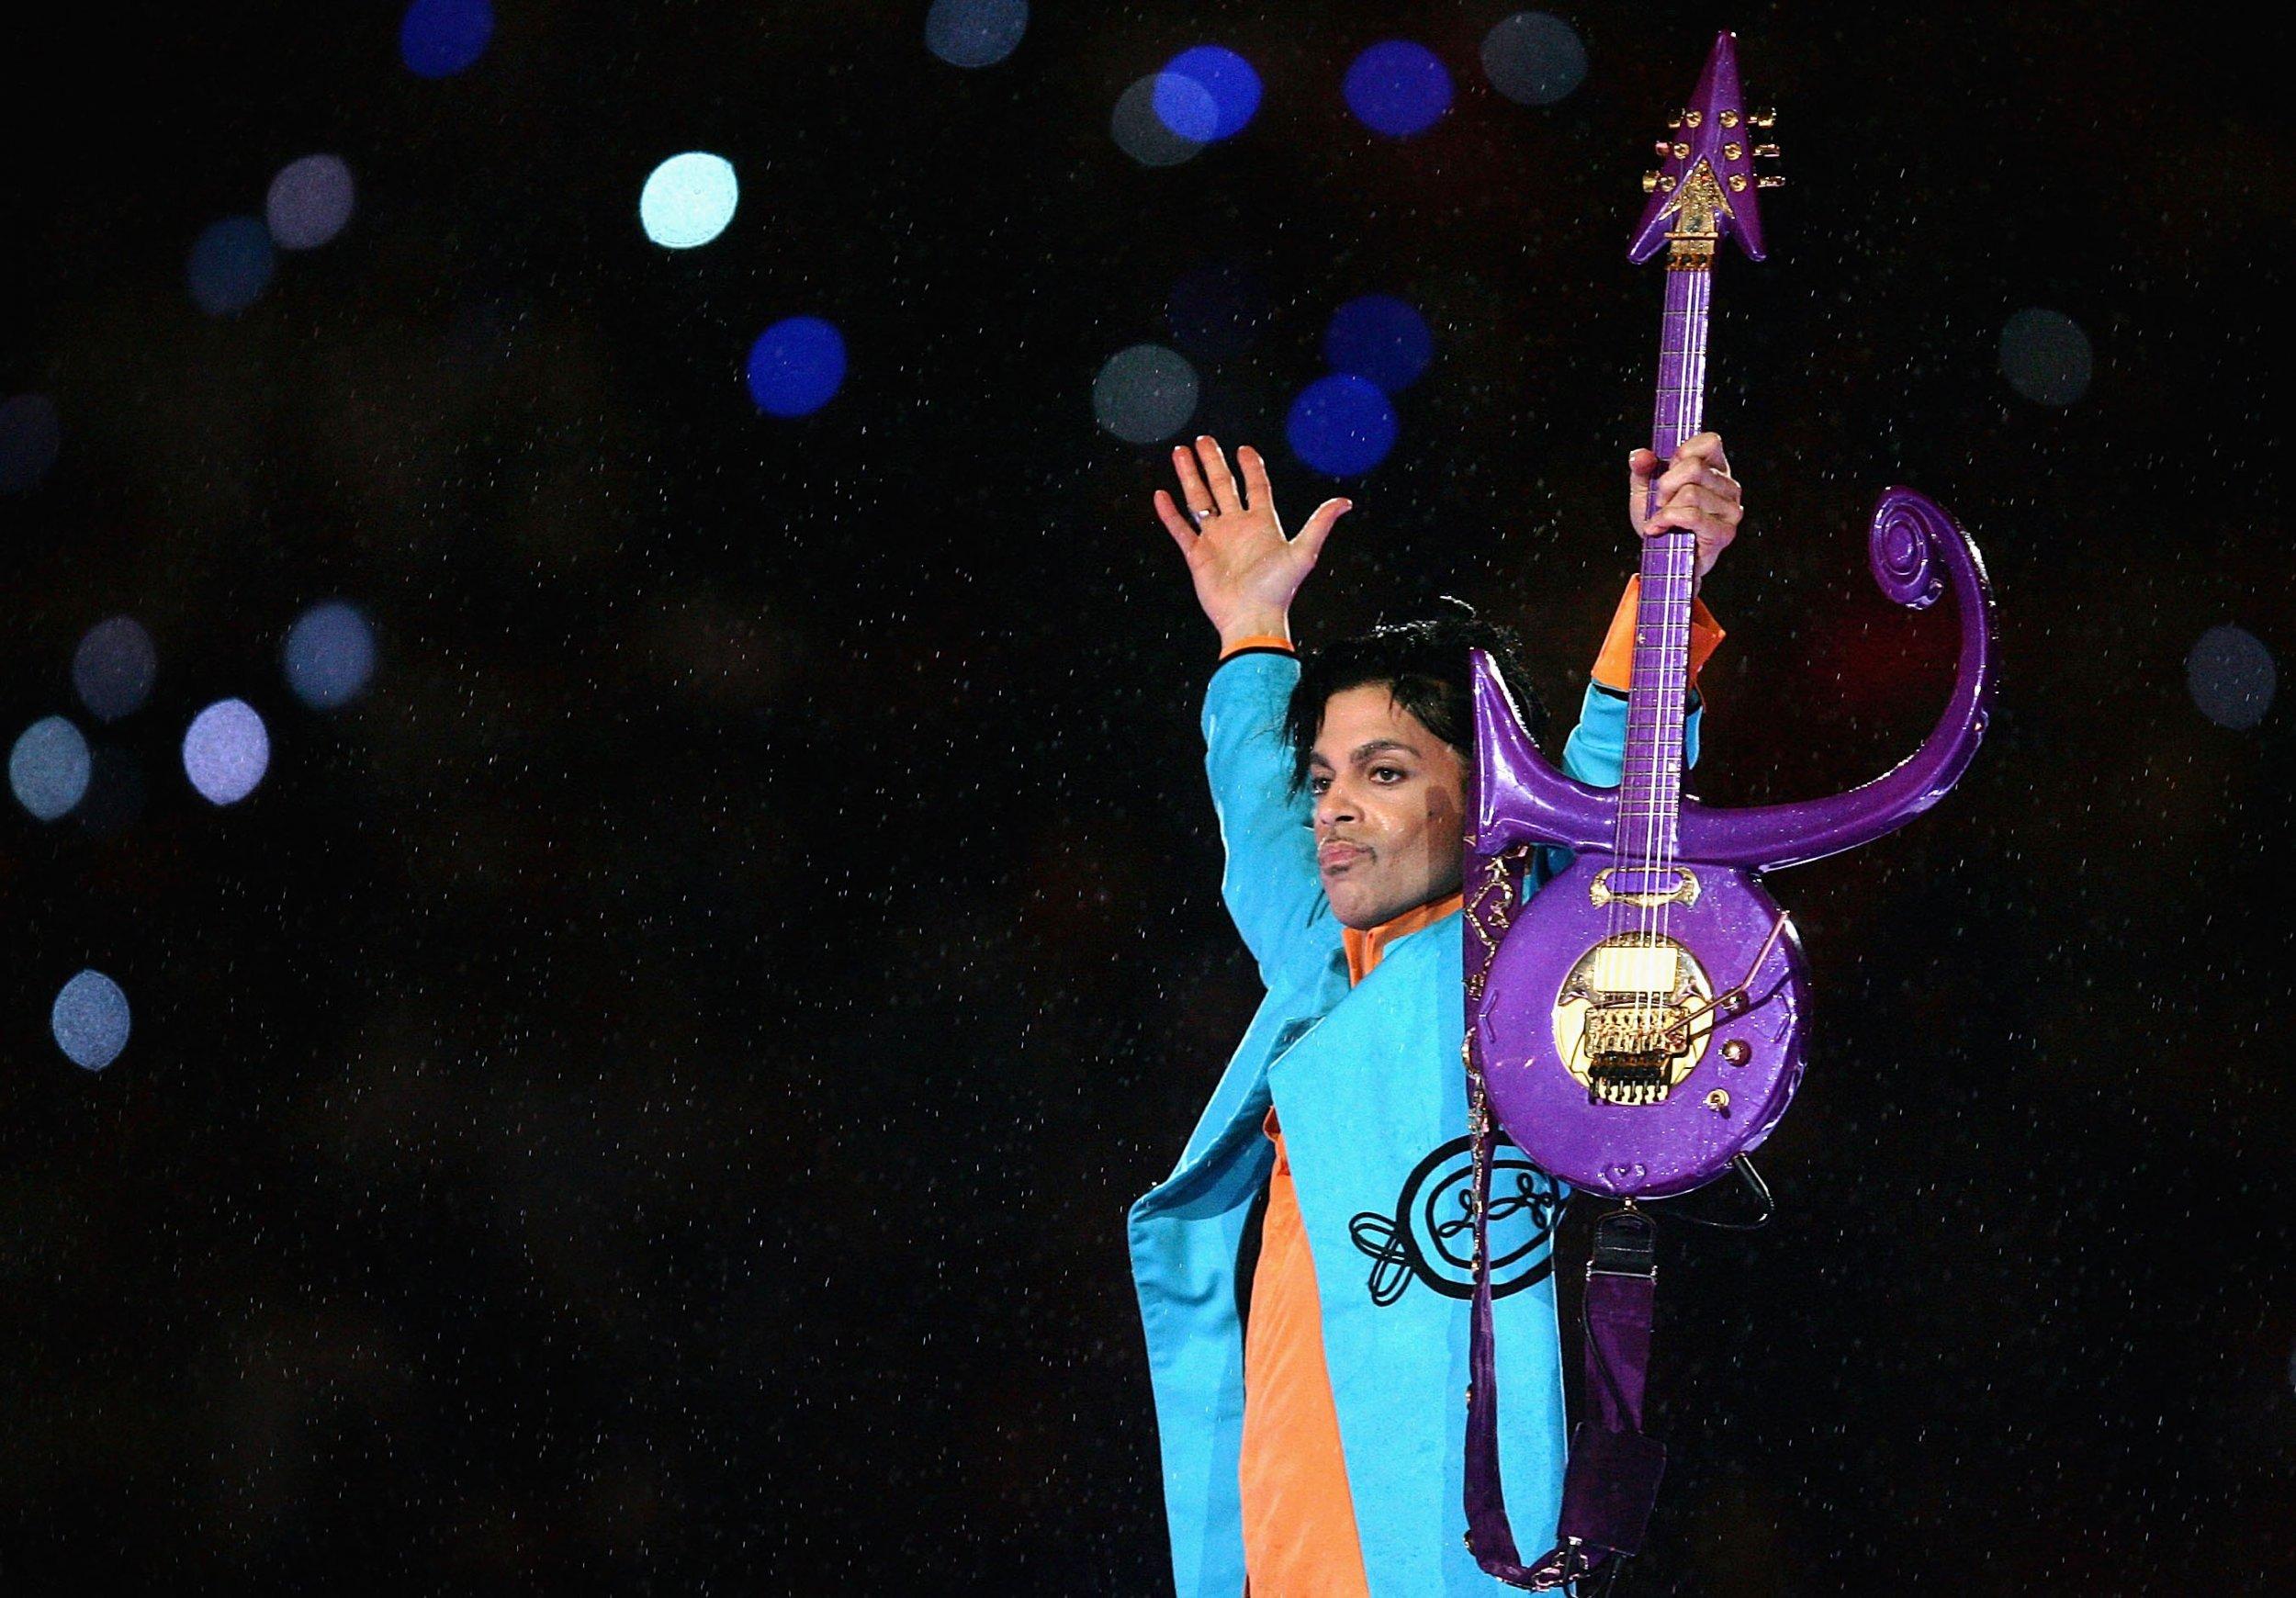 Prince at Super Bowl